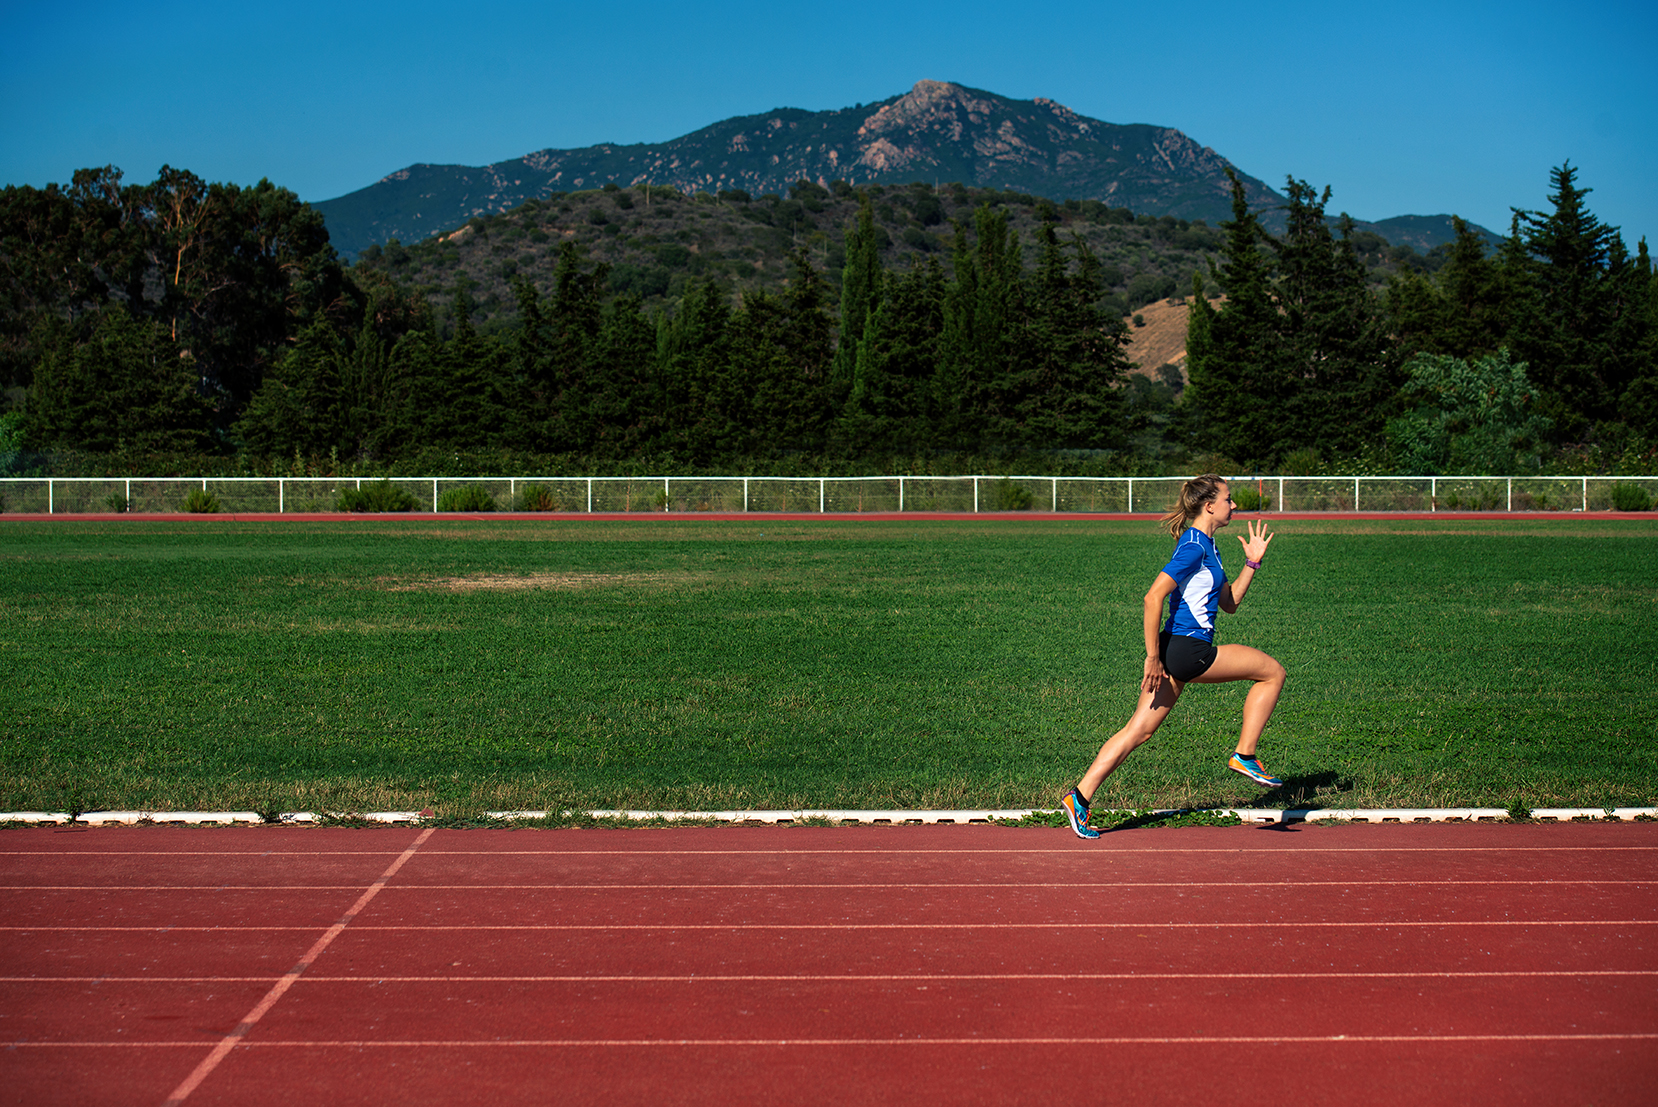 Ouverture de la piste d'athlétisme Jean Nicoli (Vignetta)